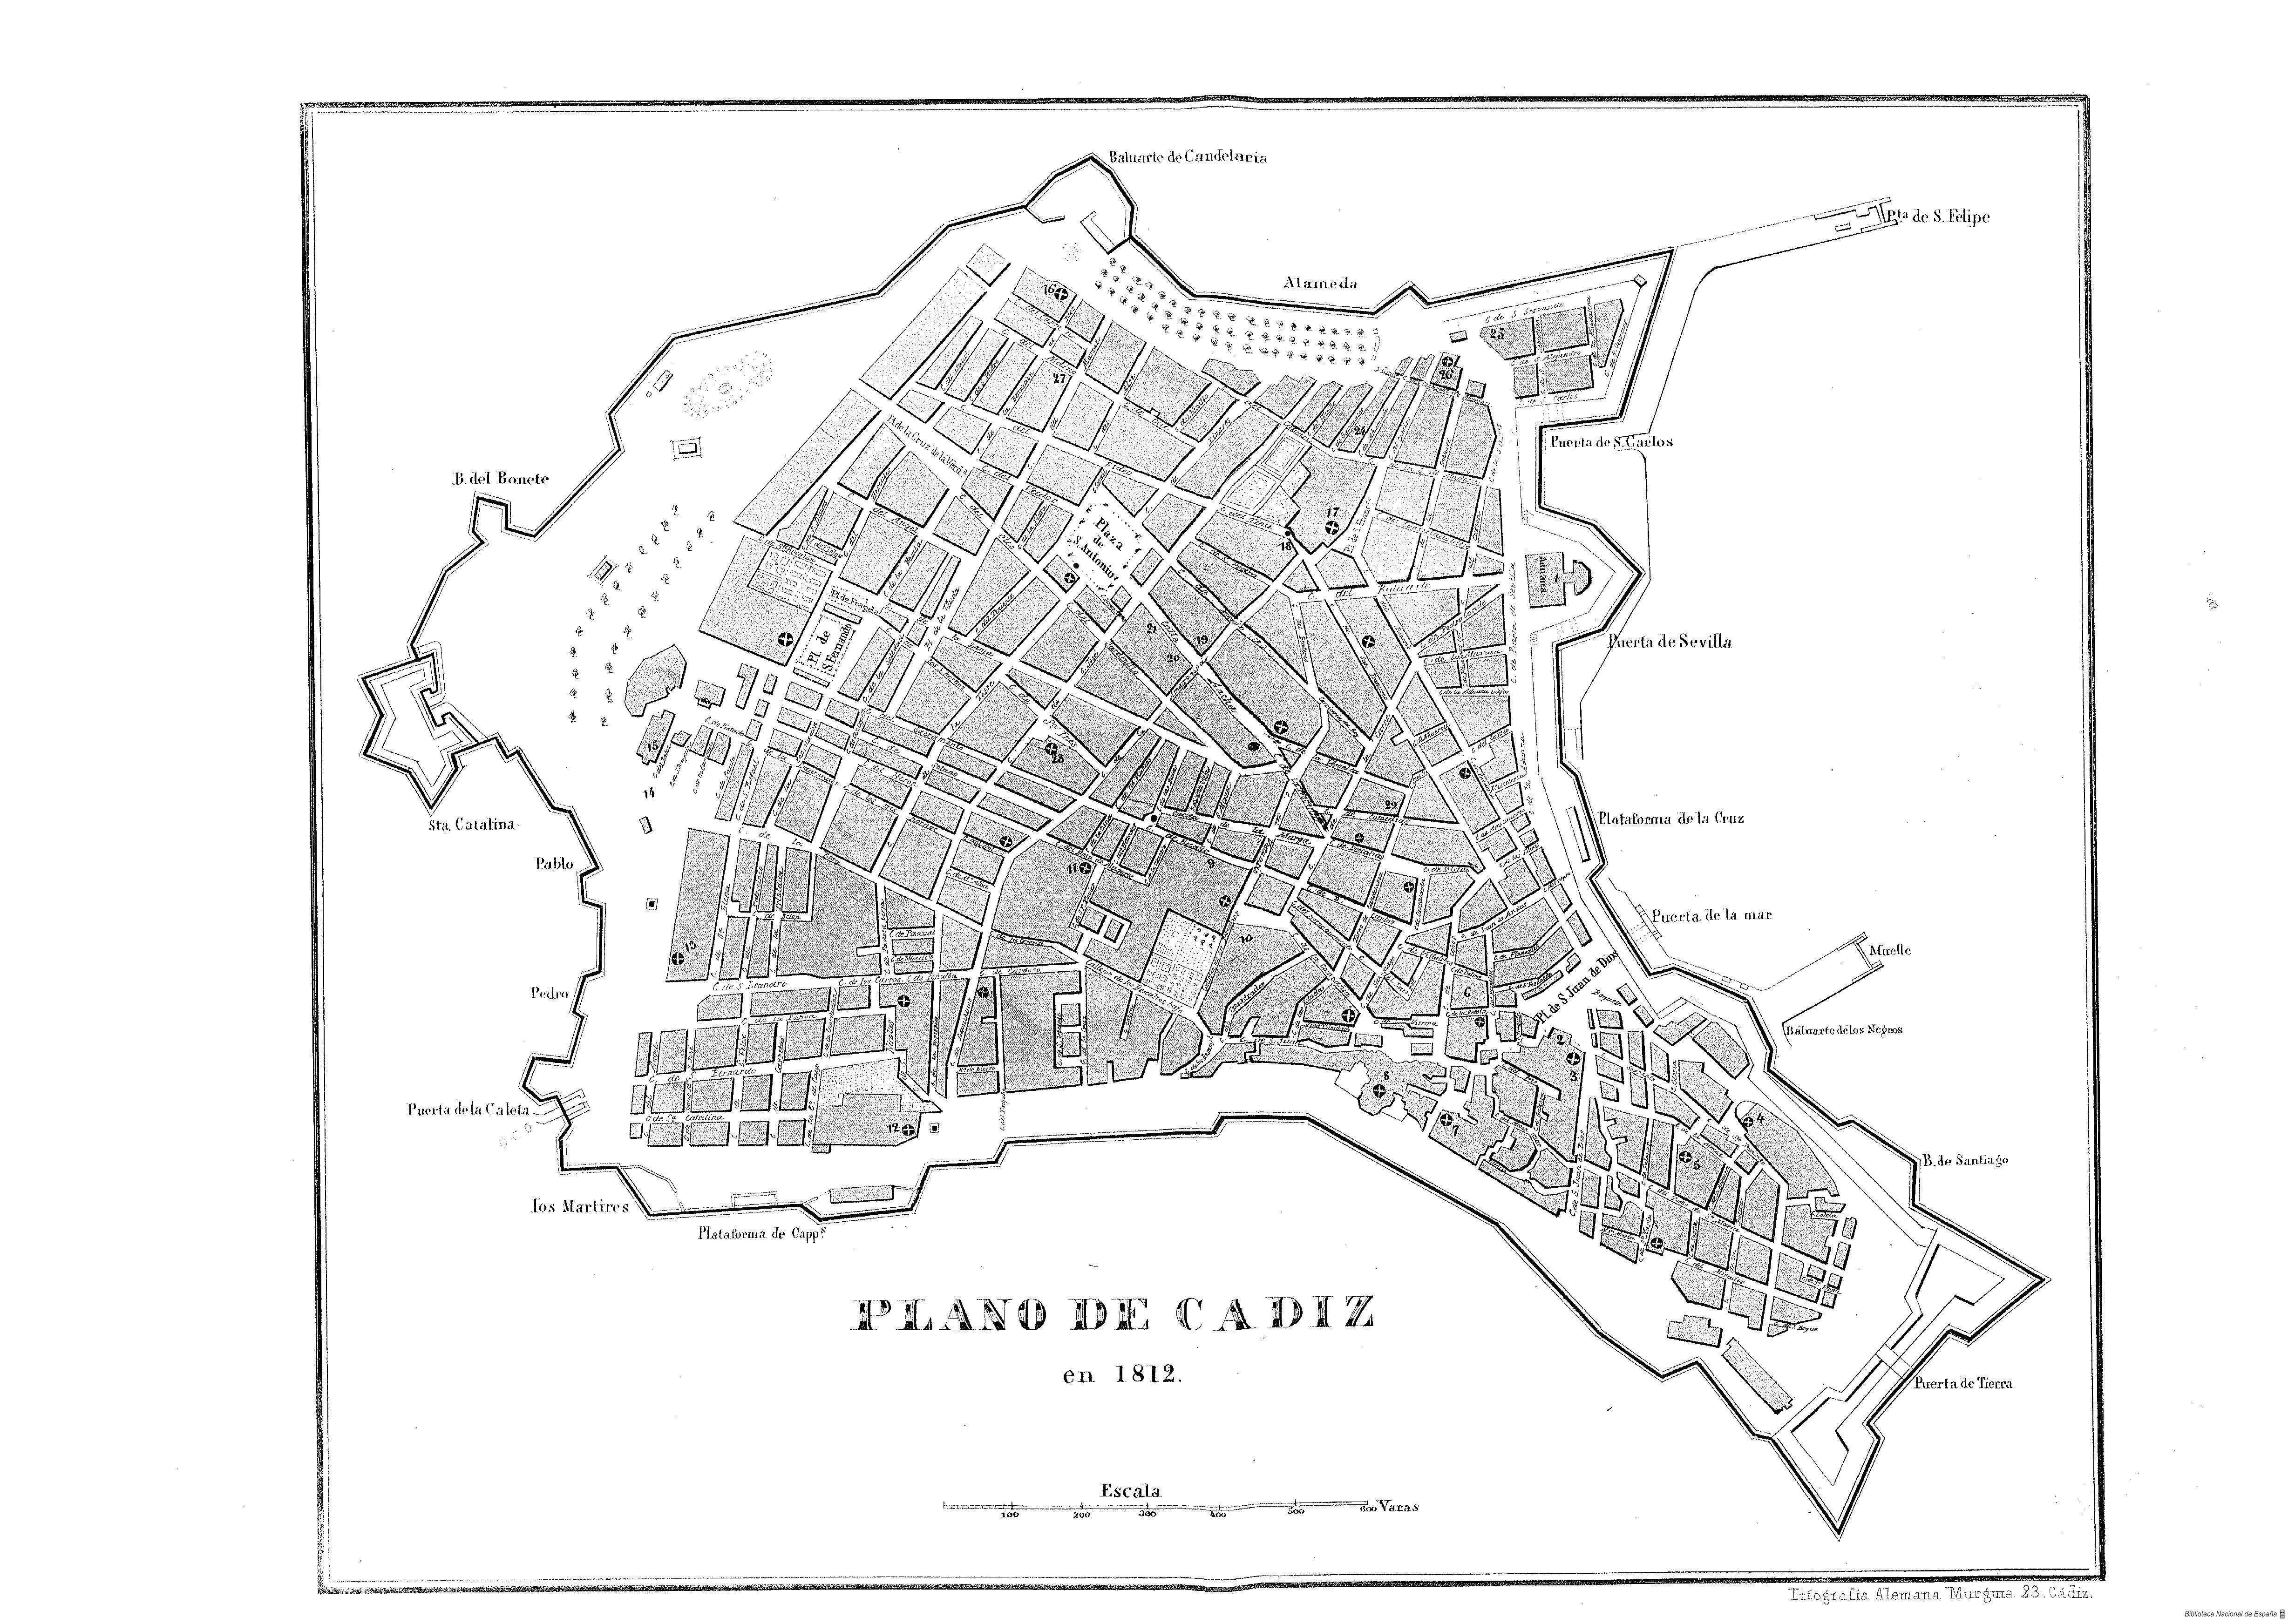 Ciudad de Cádiz en 1812